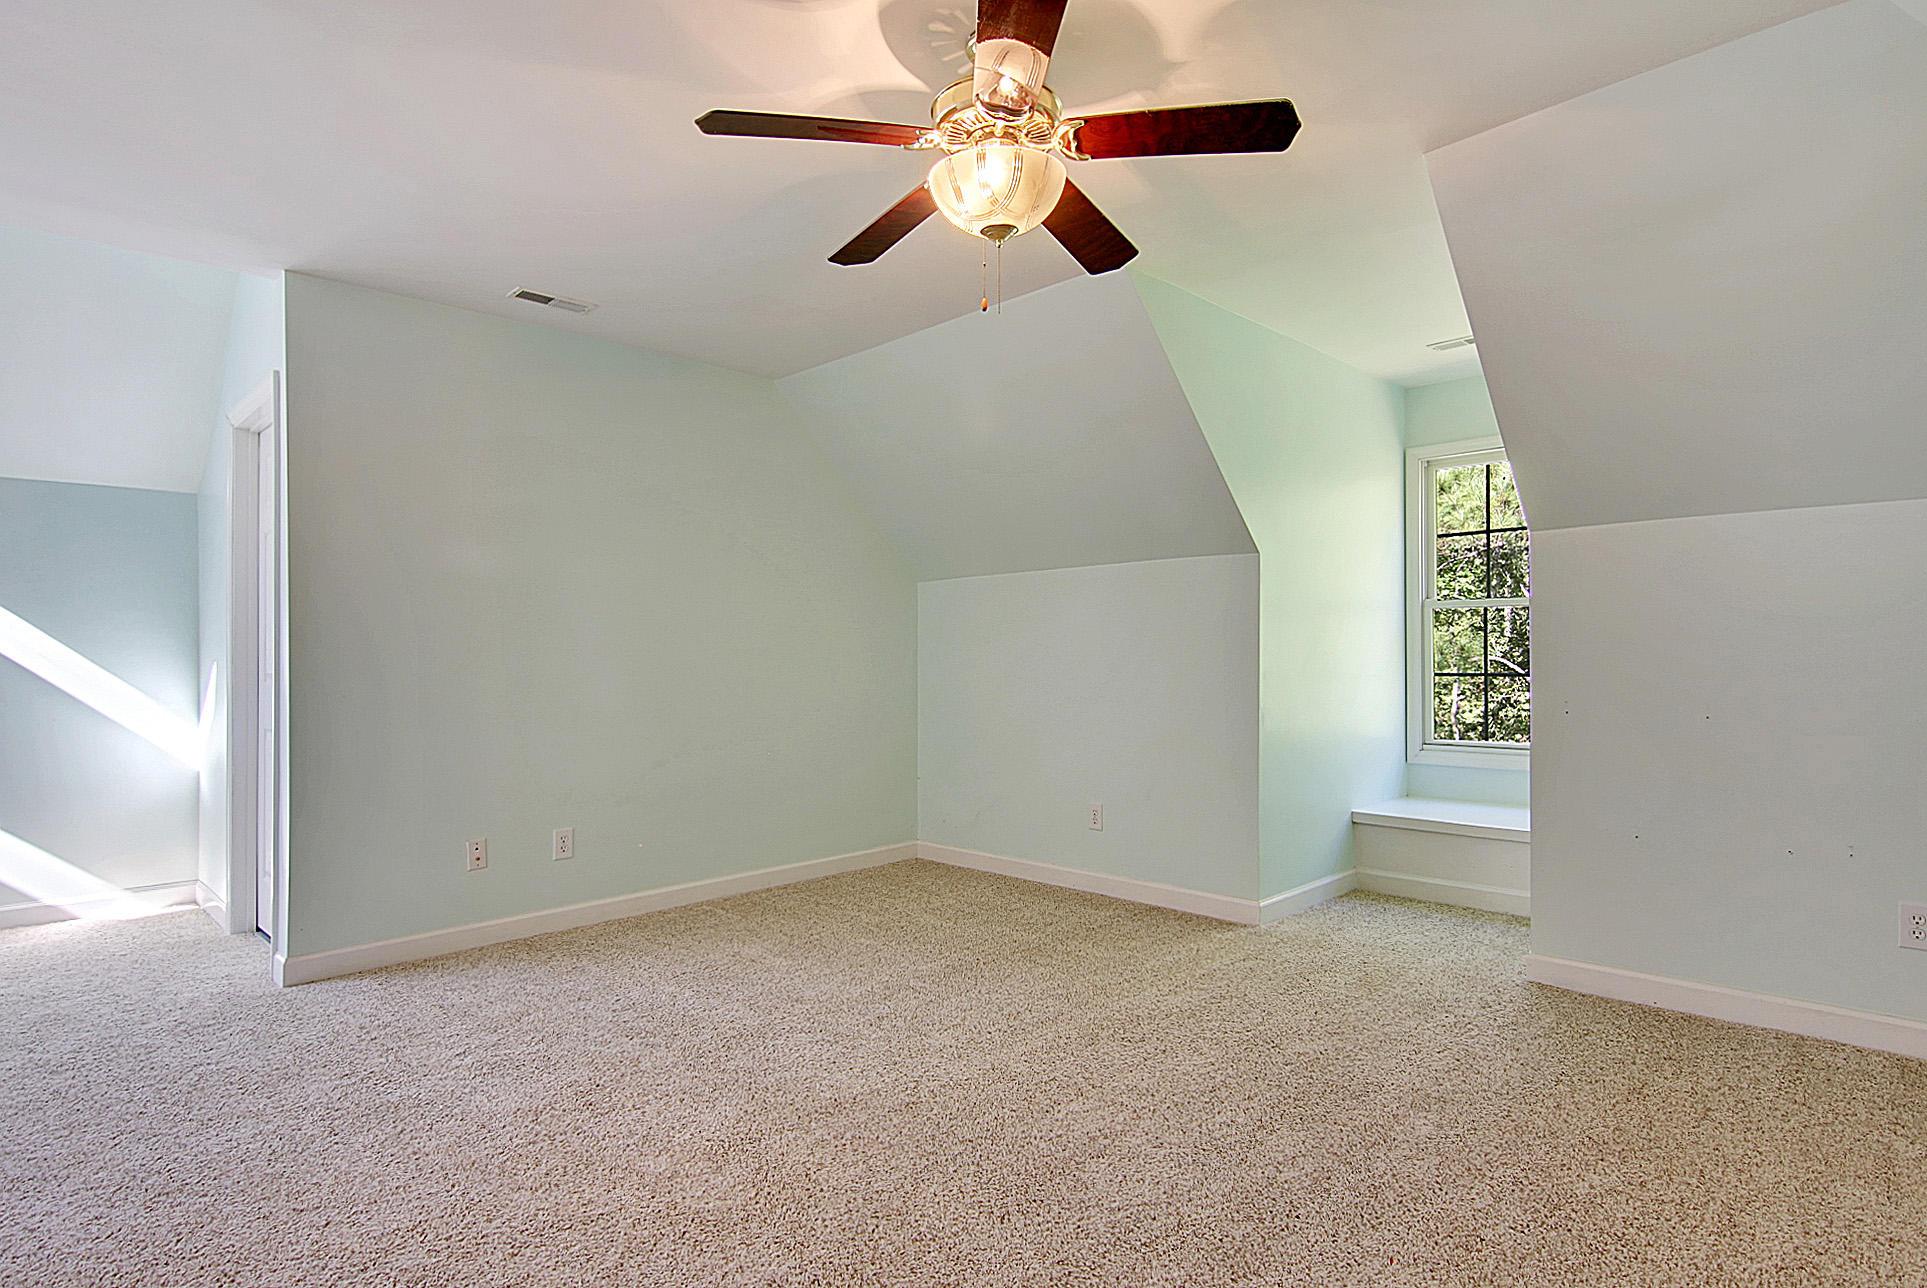 Dunes West Homes For Sale - 2236 Black Oak, Mount Pleasant, SC - 23